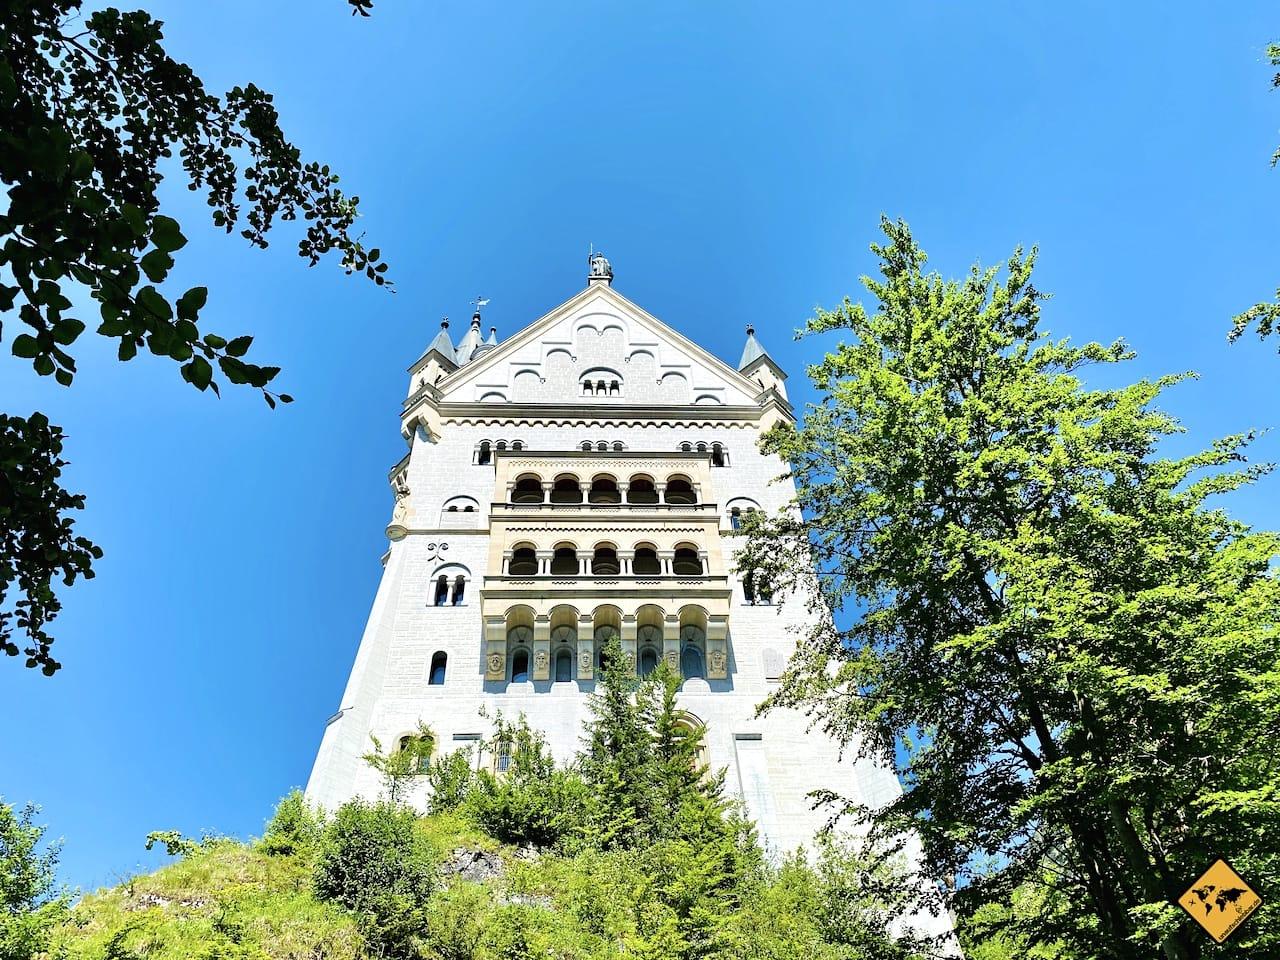 Turm Schloss Neuschwanstein